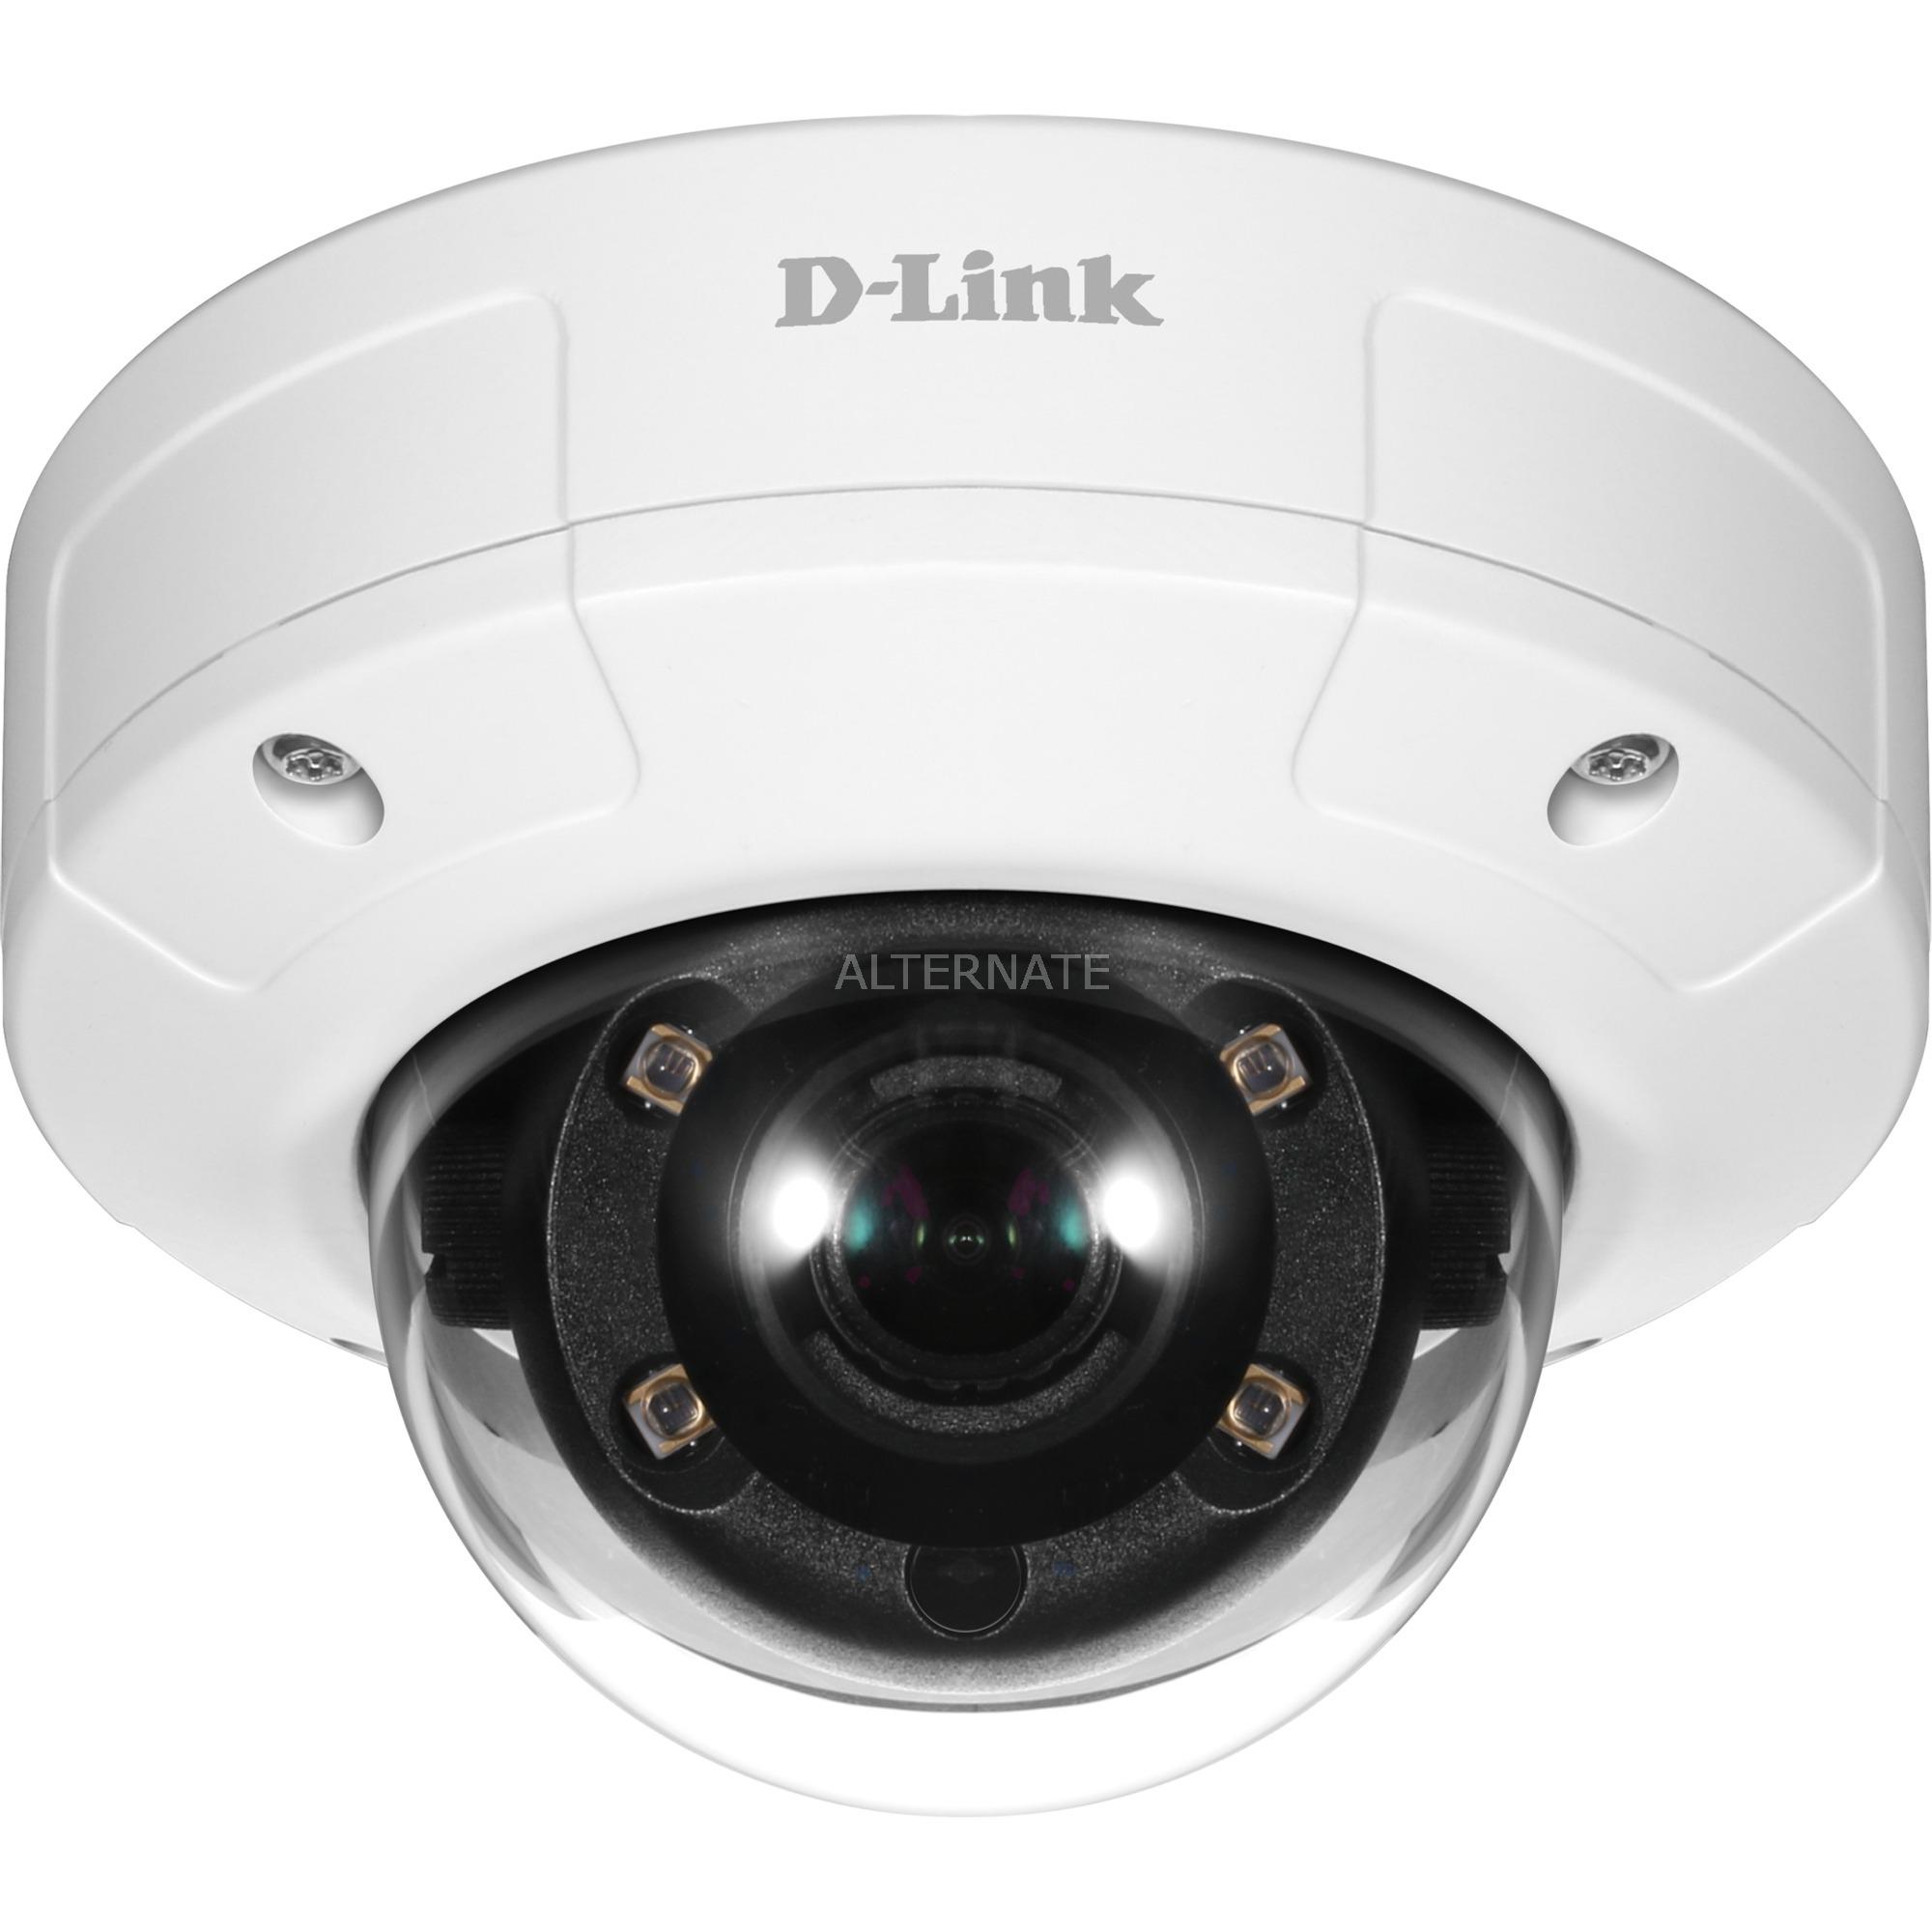 DCS-4633EV cámara de vigilancia Cámara de seguridad IP Exterior Almohadilla Techo/pared 2048 x 1536 Pixeles